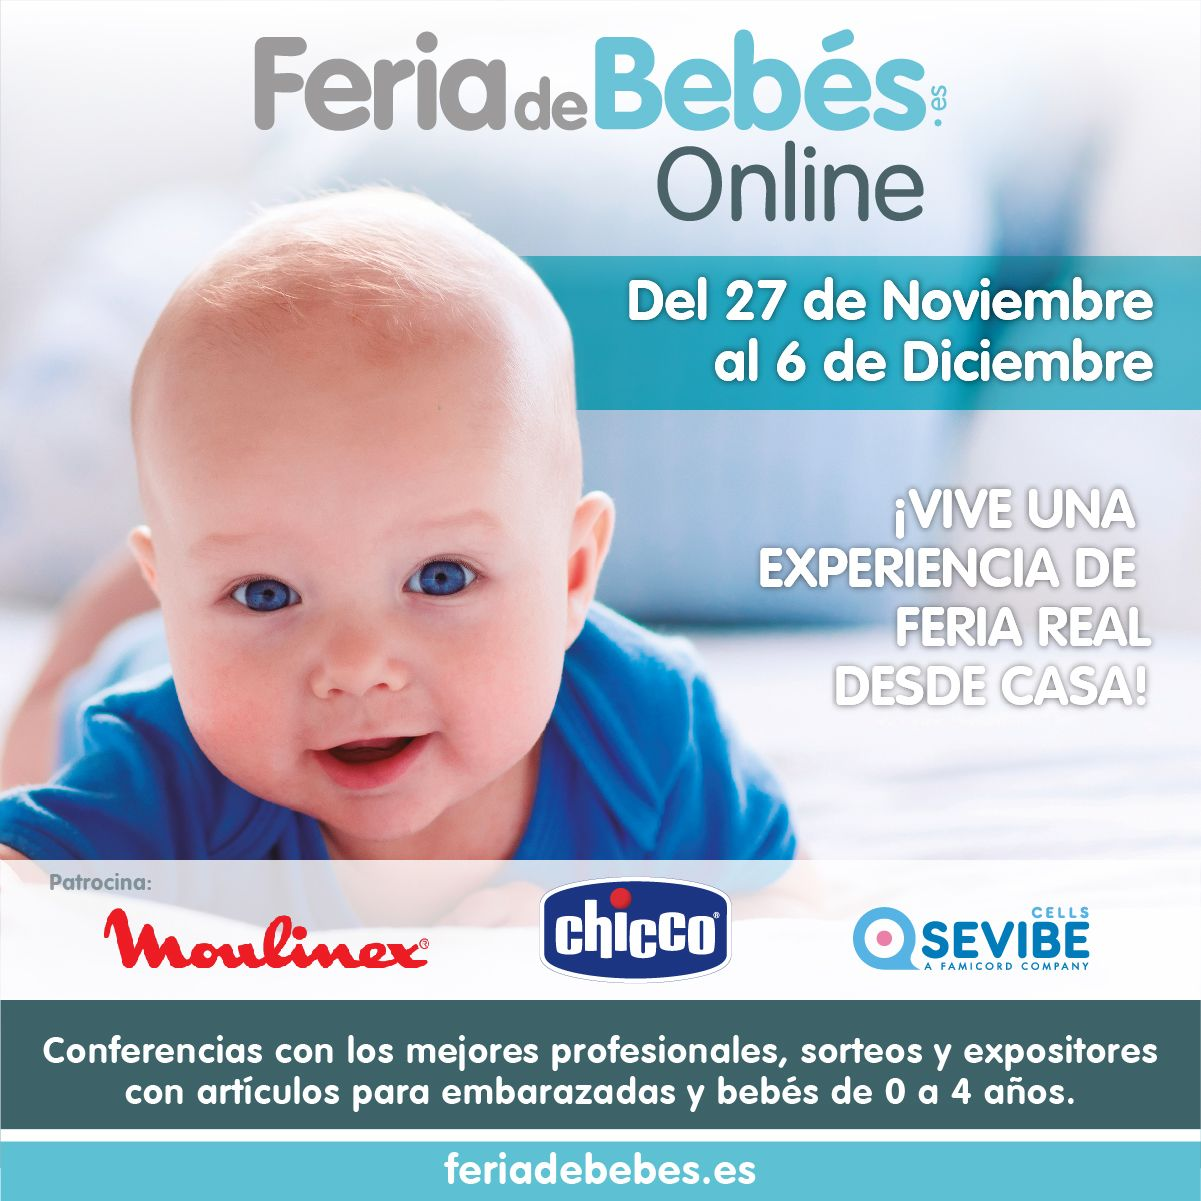 Fotografia Feria de Bebes Online - Cartel Principal